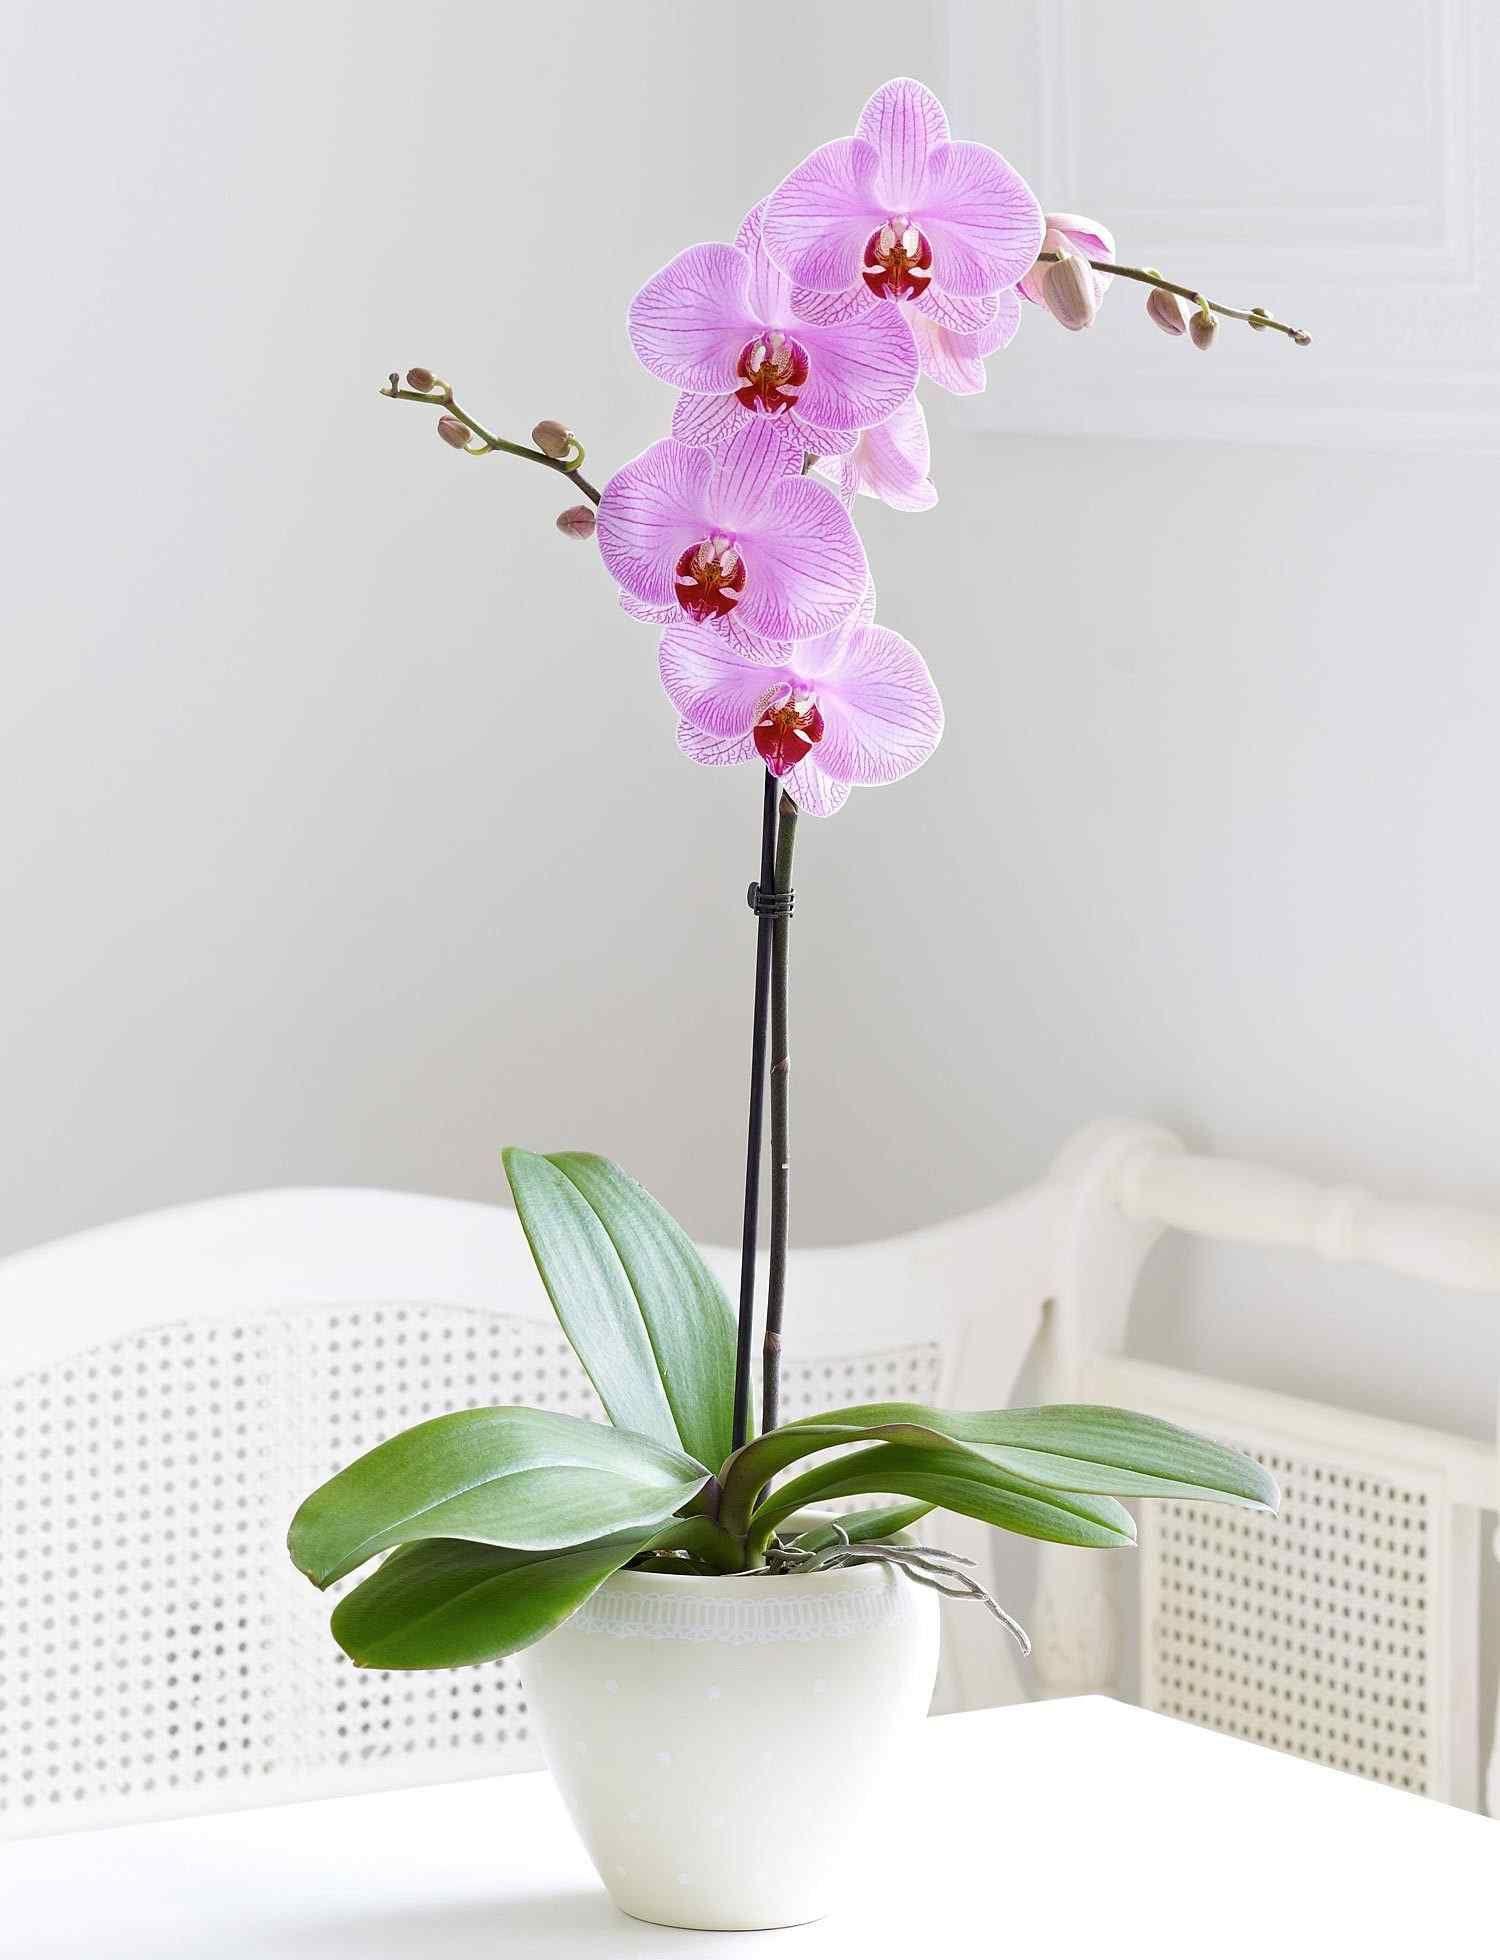 comment entretenir une orchid e d couvrez nos conseils de pro orchid e entretenir. Black Bedroom Furniture Sets. Home Design Ideas